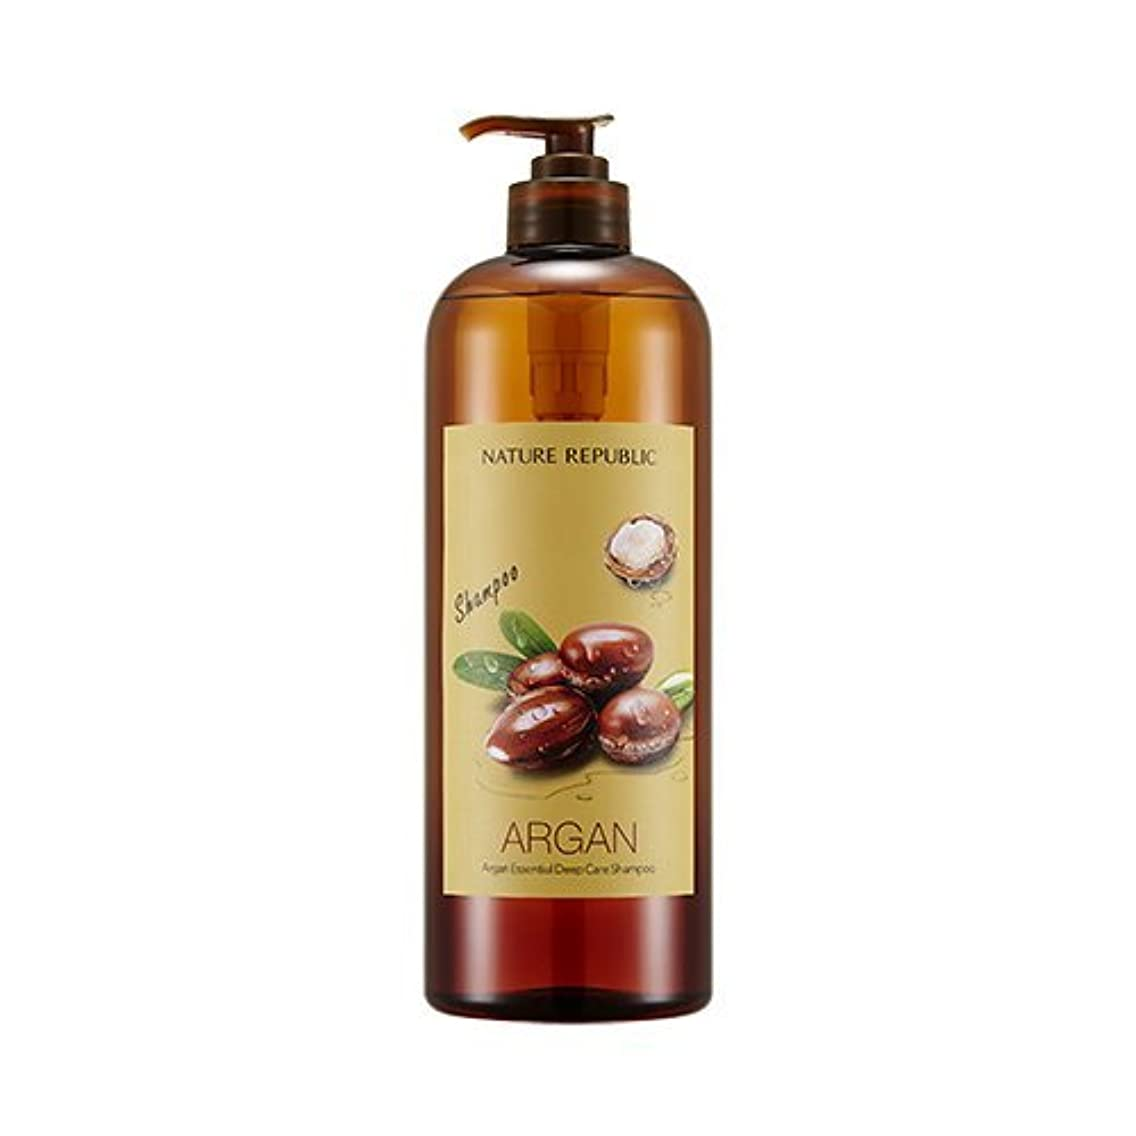 昆虫ブルゴーニュ原子炉NATURE REPUBLIC Argan Essential Deep Care Shampoo 1000? ネイチャーリパブリック アルガンエッセンシャルディープケアシャンプー(大容量) [並行輸入品]